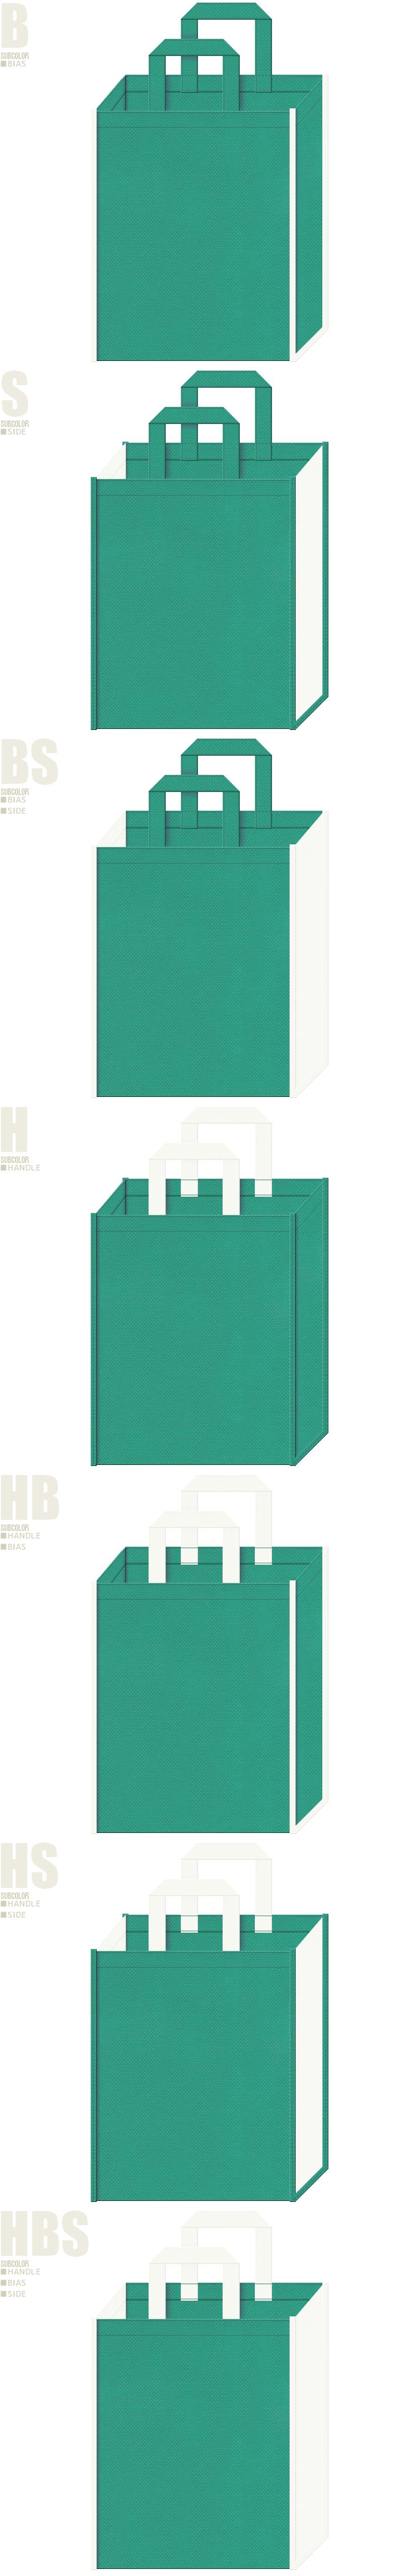 掃除・洗濯・コインランドリー・クリーニング用品・医療器具の展示会用バッグにお奨めの不織布バッグデザイン:青緑色とオフホワイト色の不織布バッグ配色7パターン。